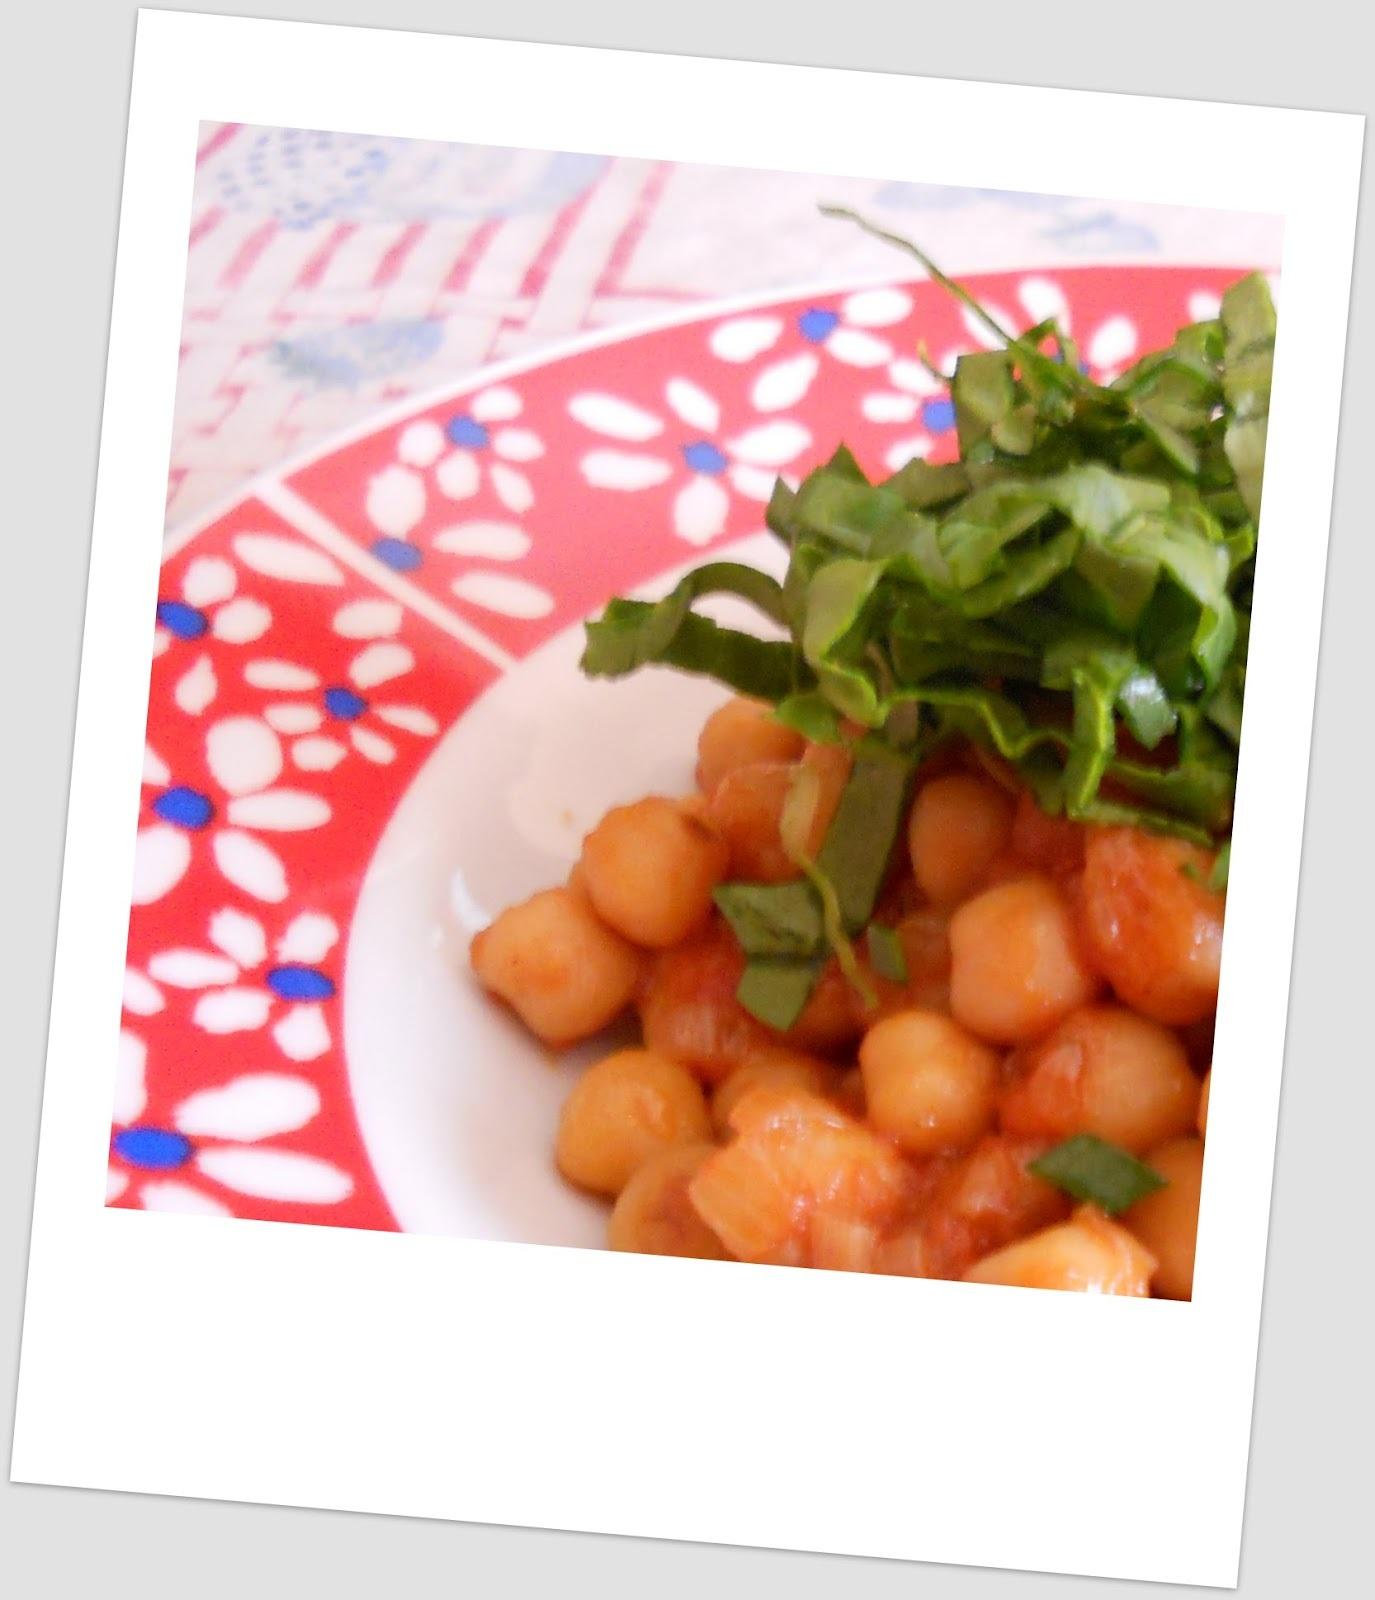 la cocina del 9 programa del dia de hoy